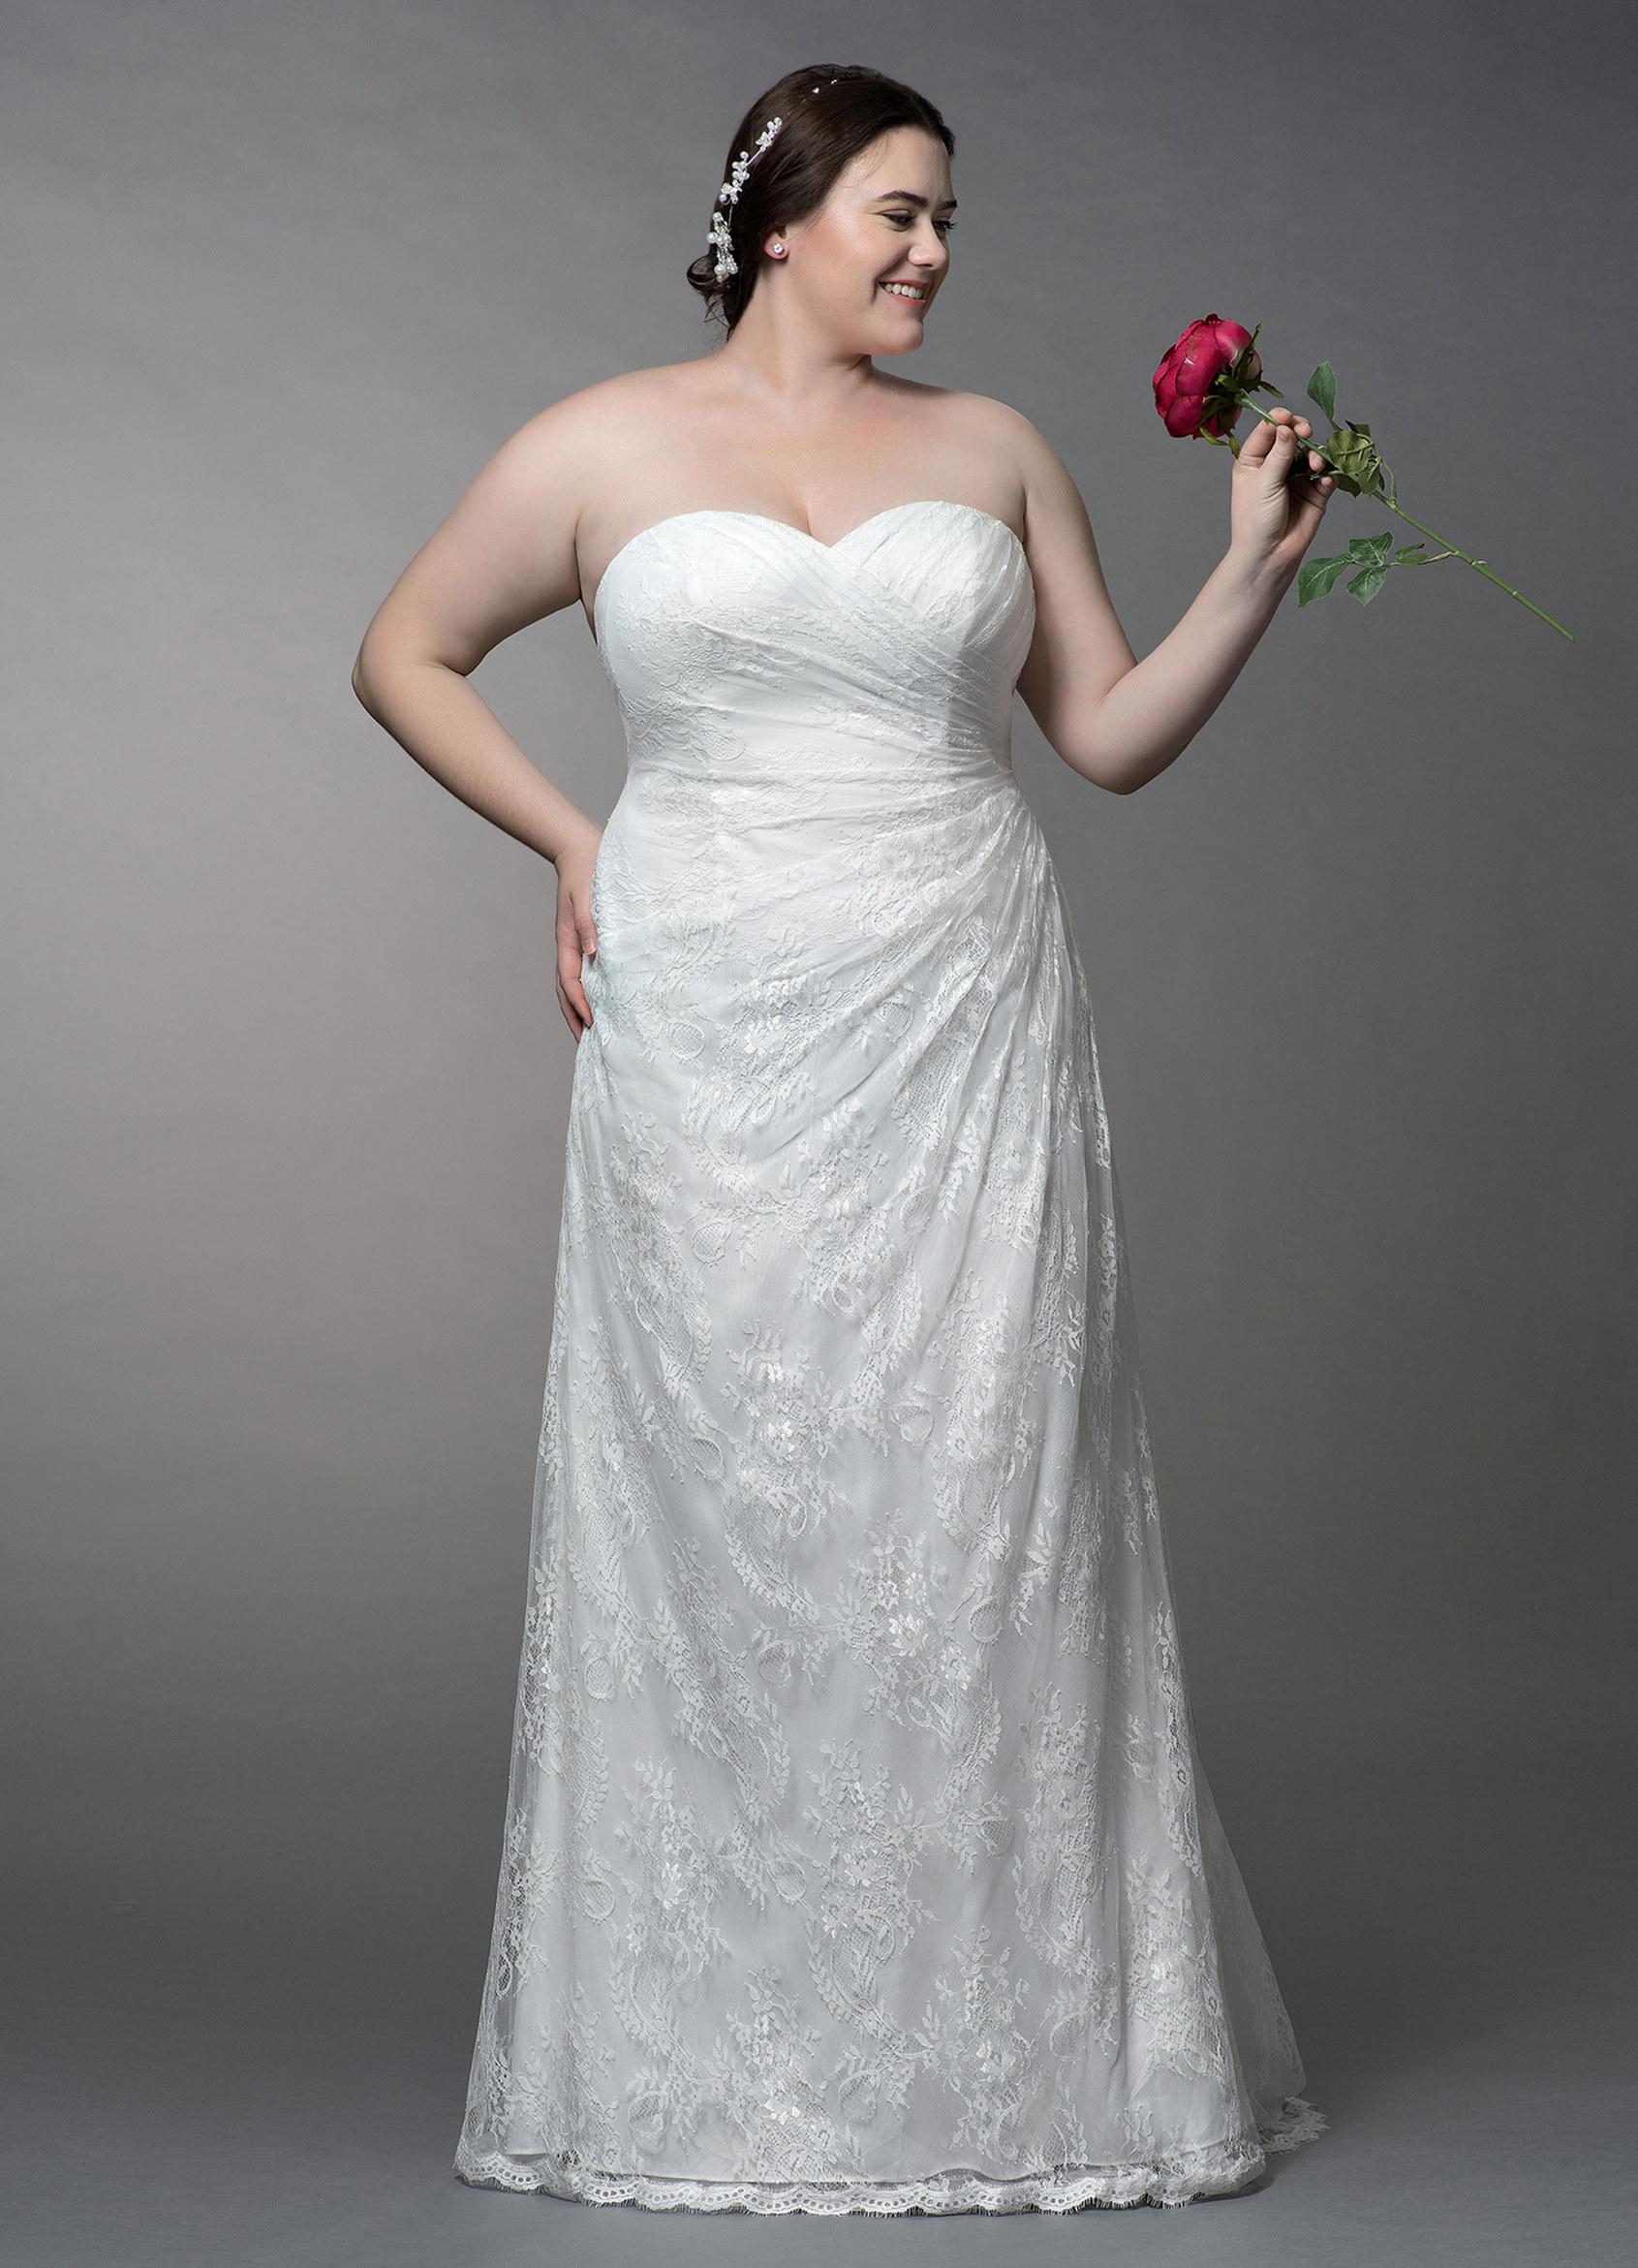 Linda Bg Sample Dress